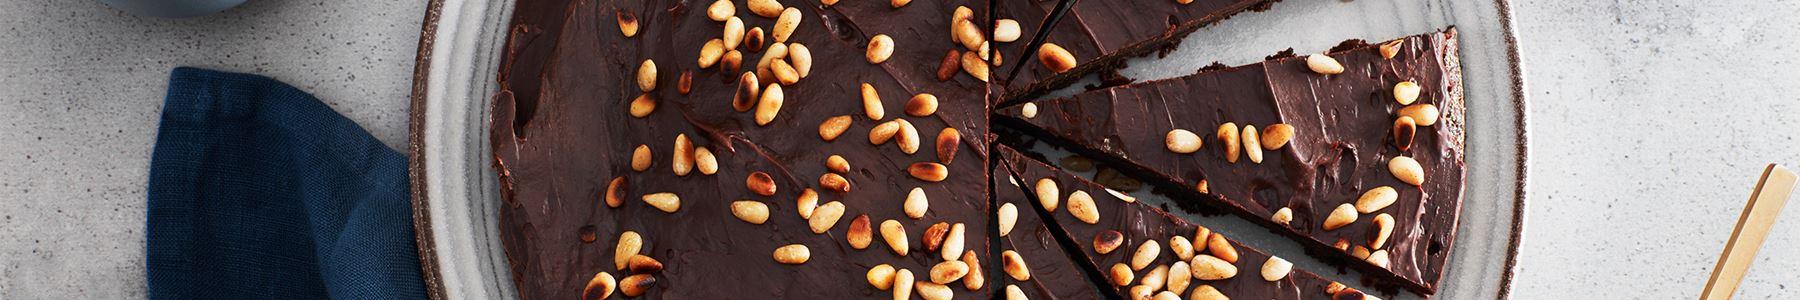 Kakao + Jul + Tryffel